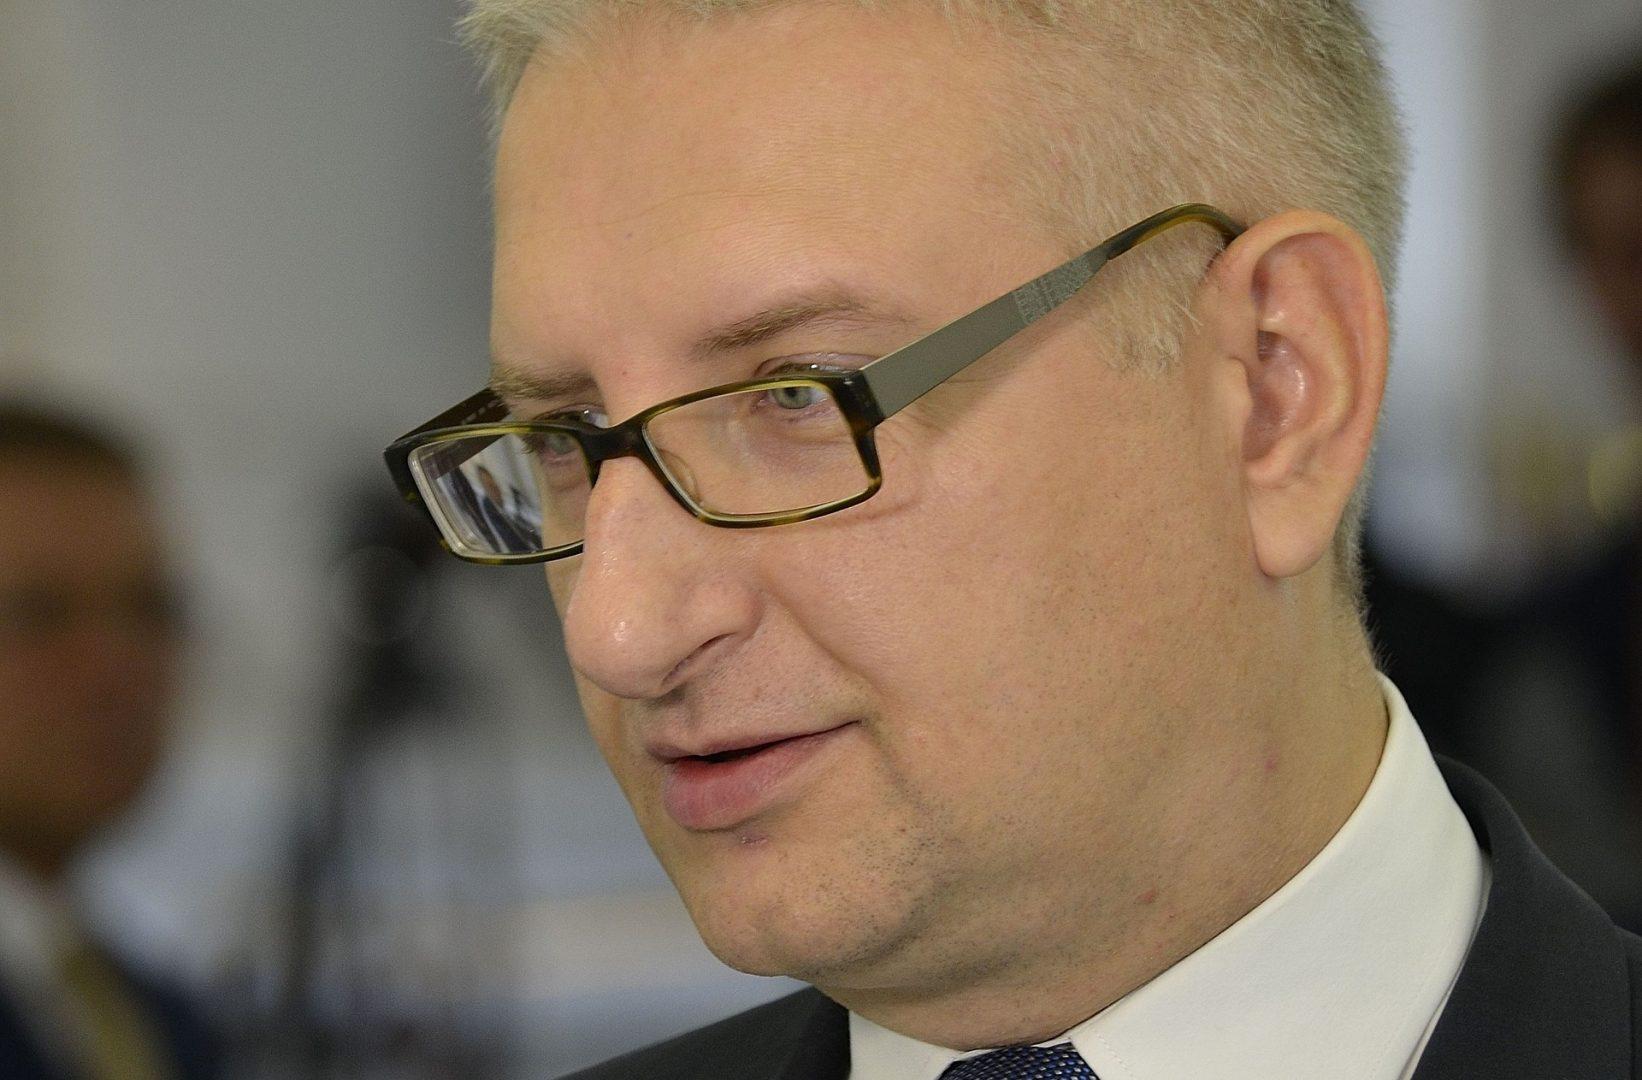 Stanisław Pięta/fot. Adrian Grycuk/Wikimedia Commons/CC BY-SA 4.0